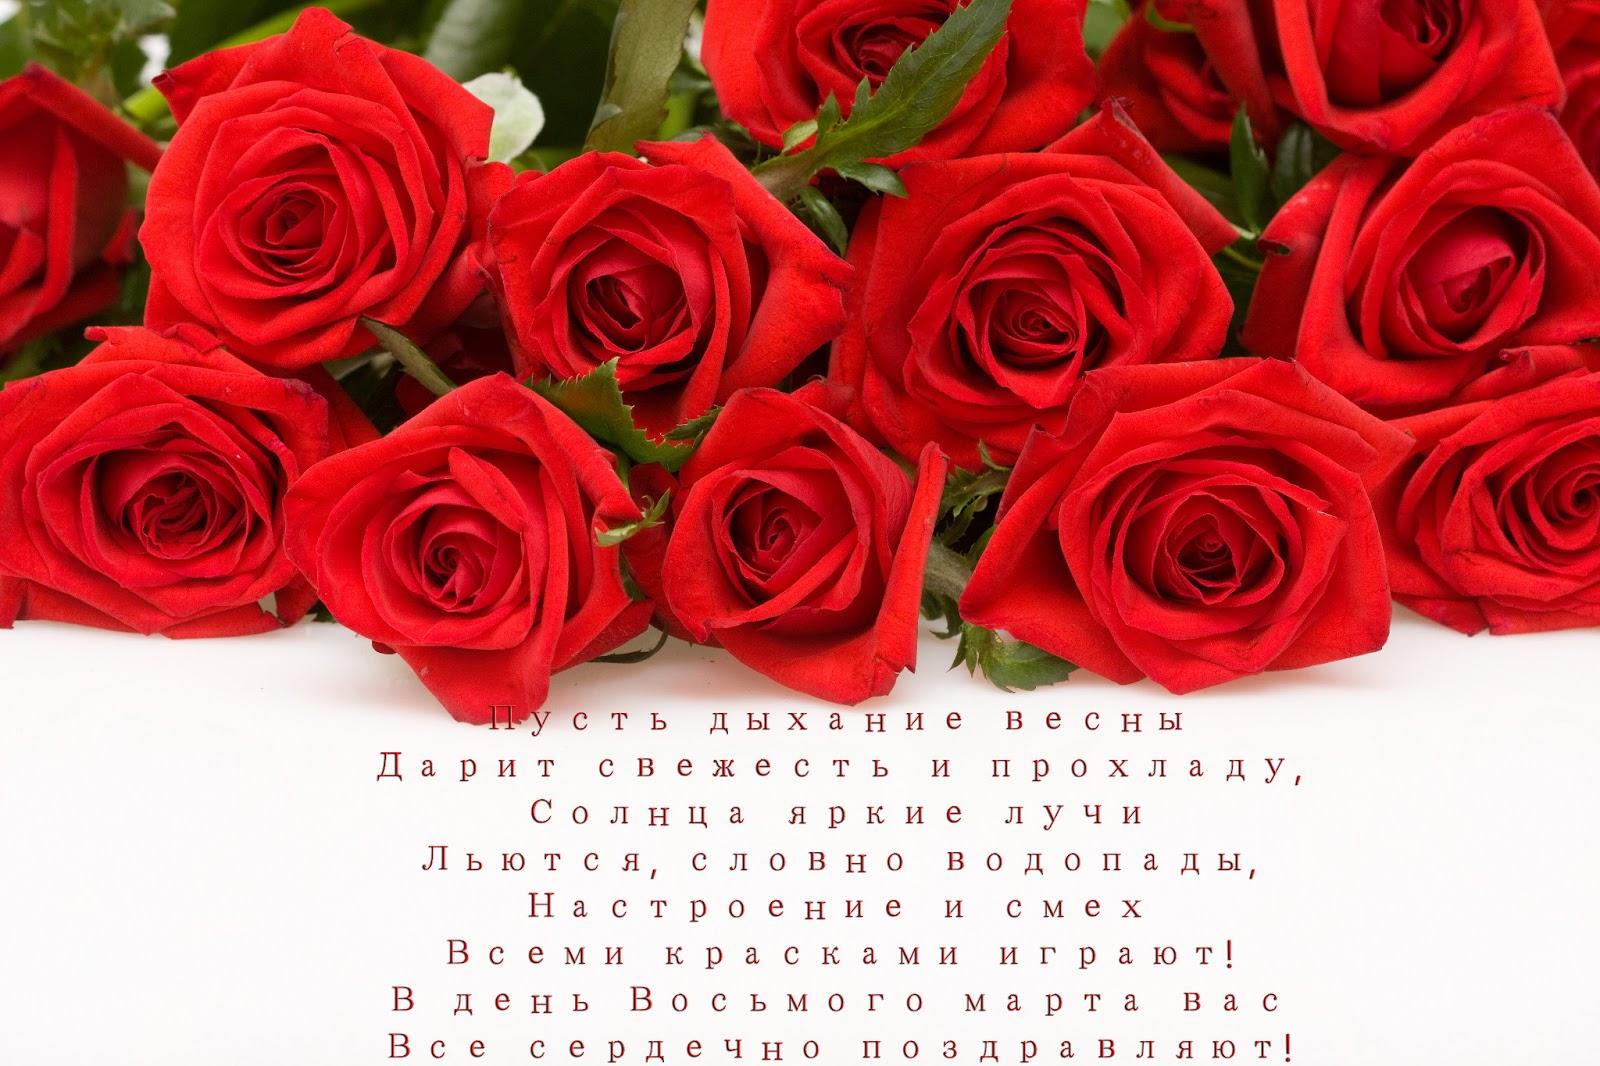 Открытка с рождеством на украинском языке